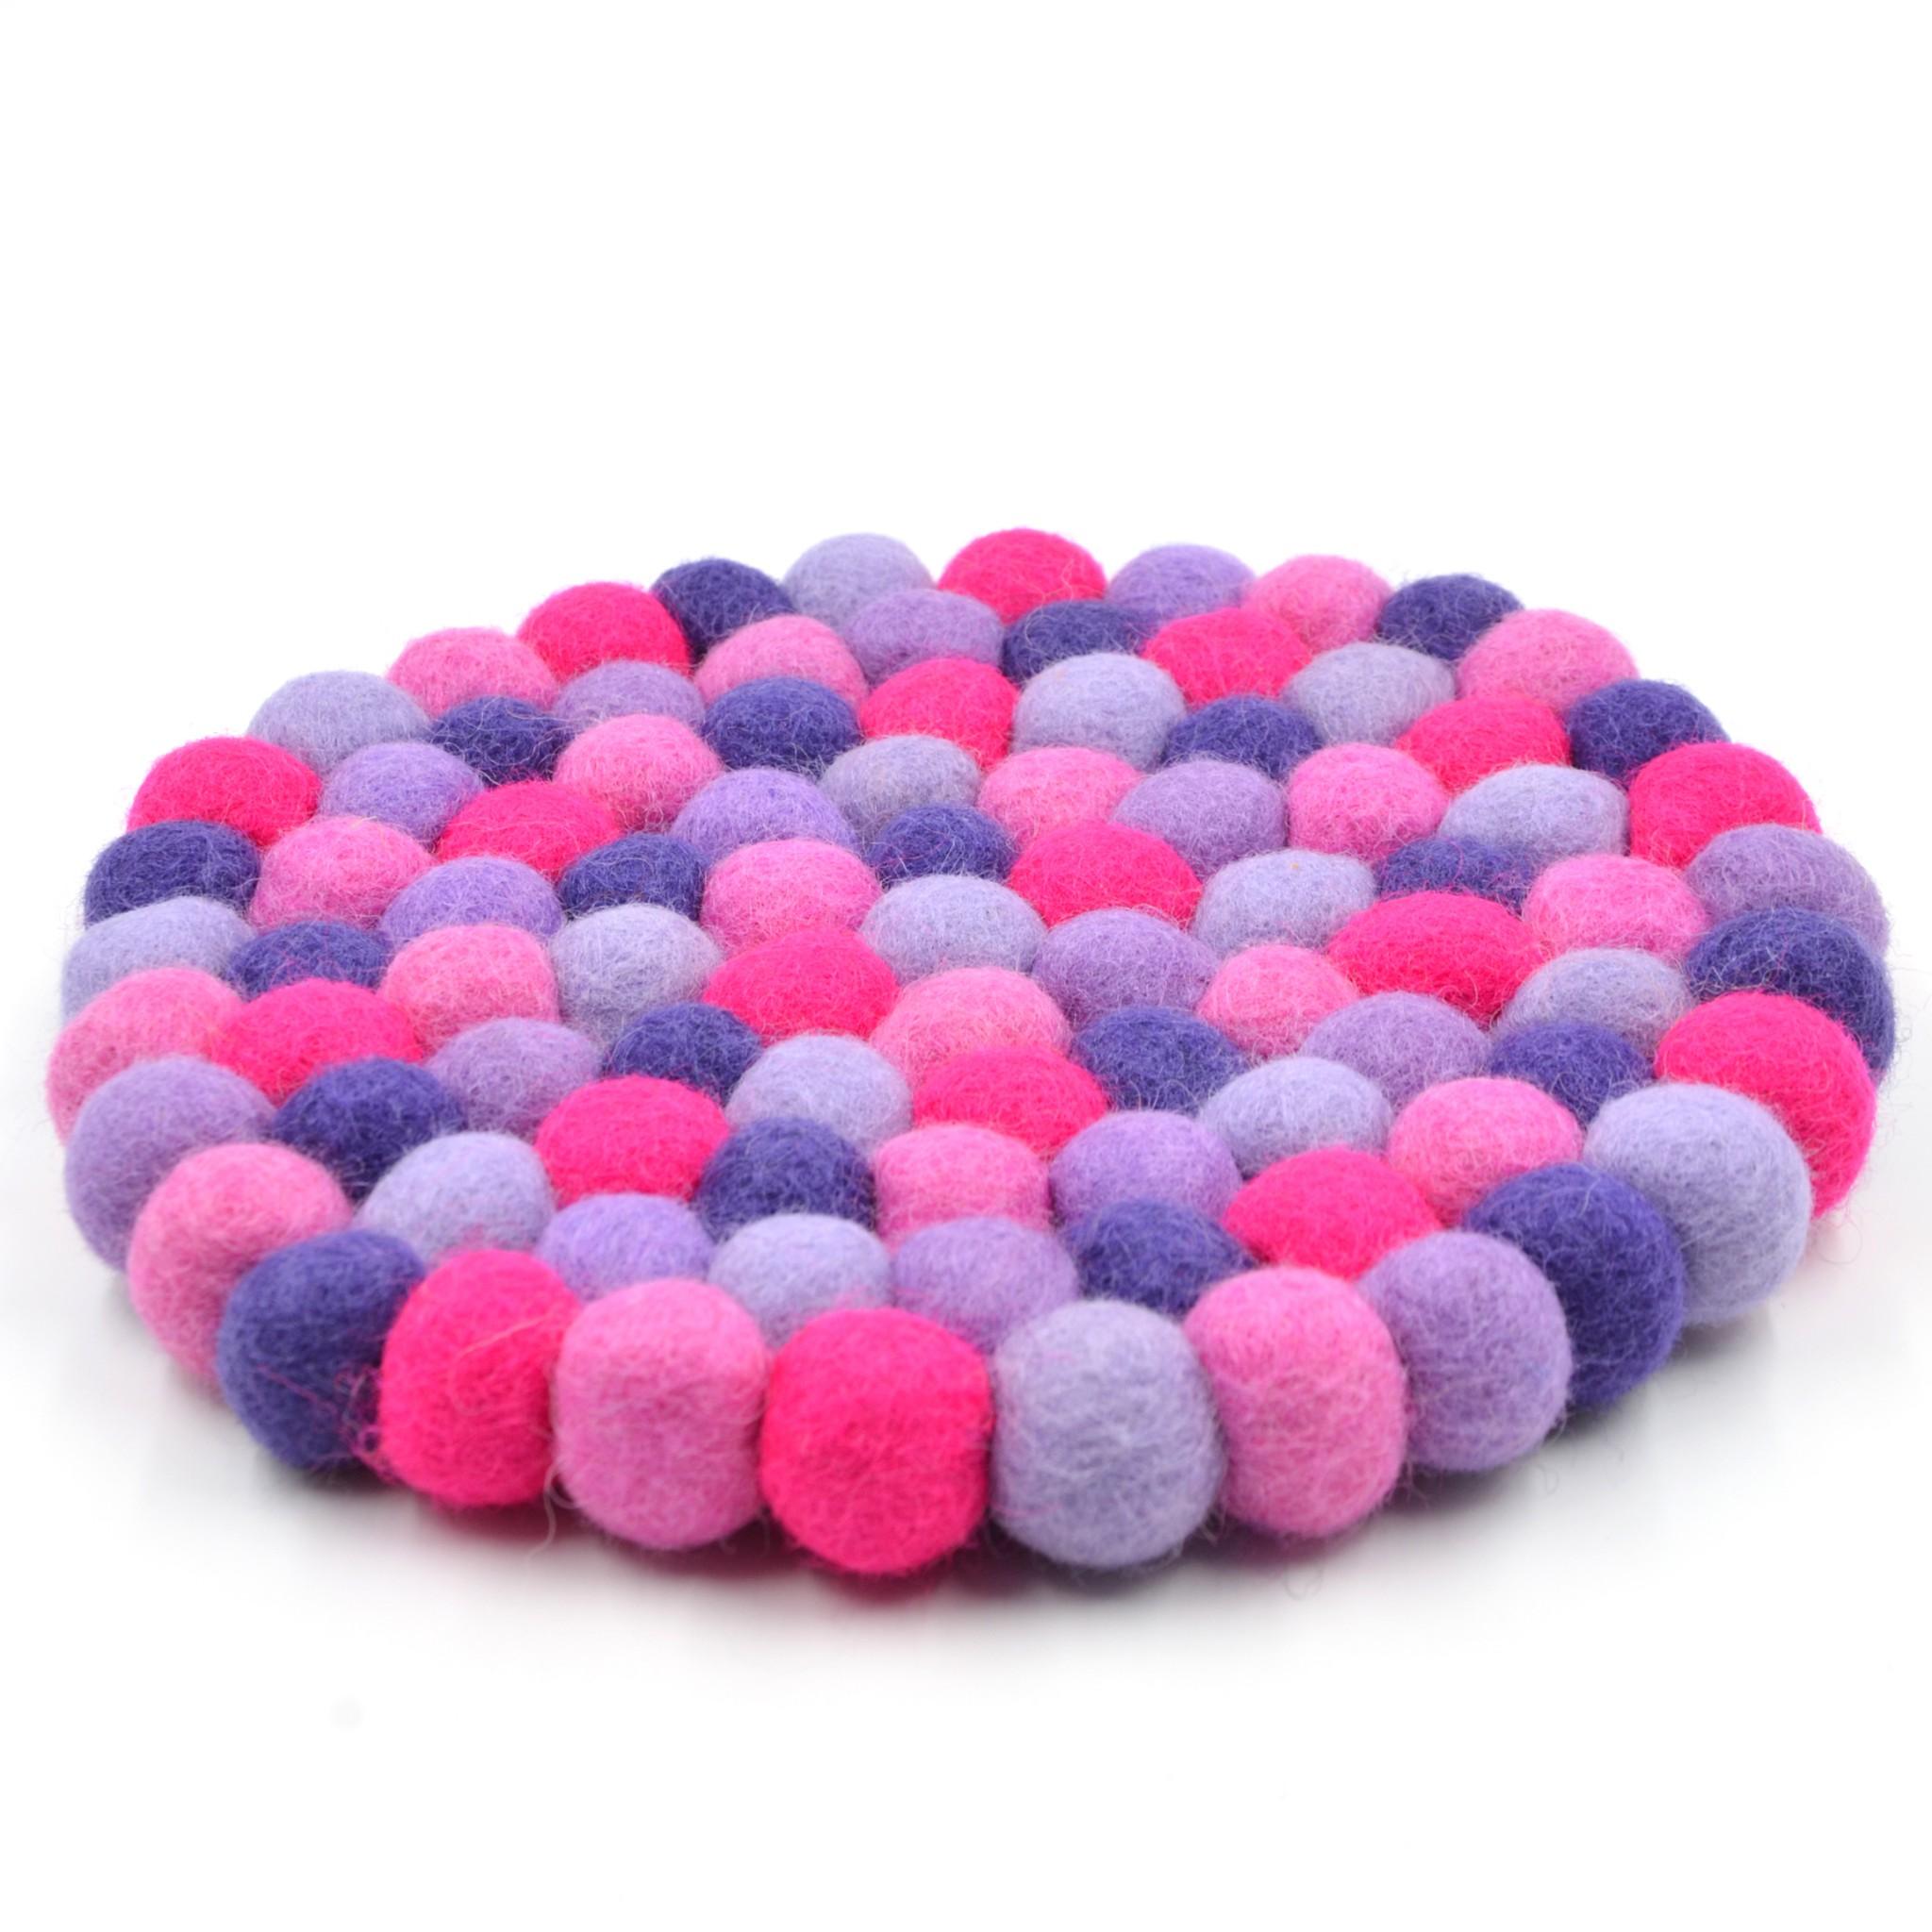 dessous d coratif violine violet parme rose bopompon. Black Bedroom Furniture Sets. Home Design Ideas